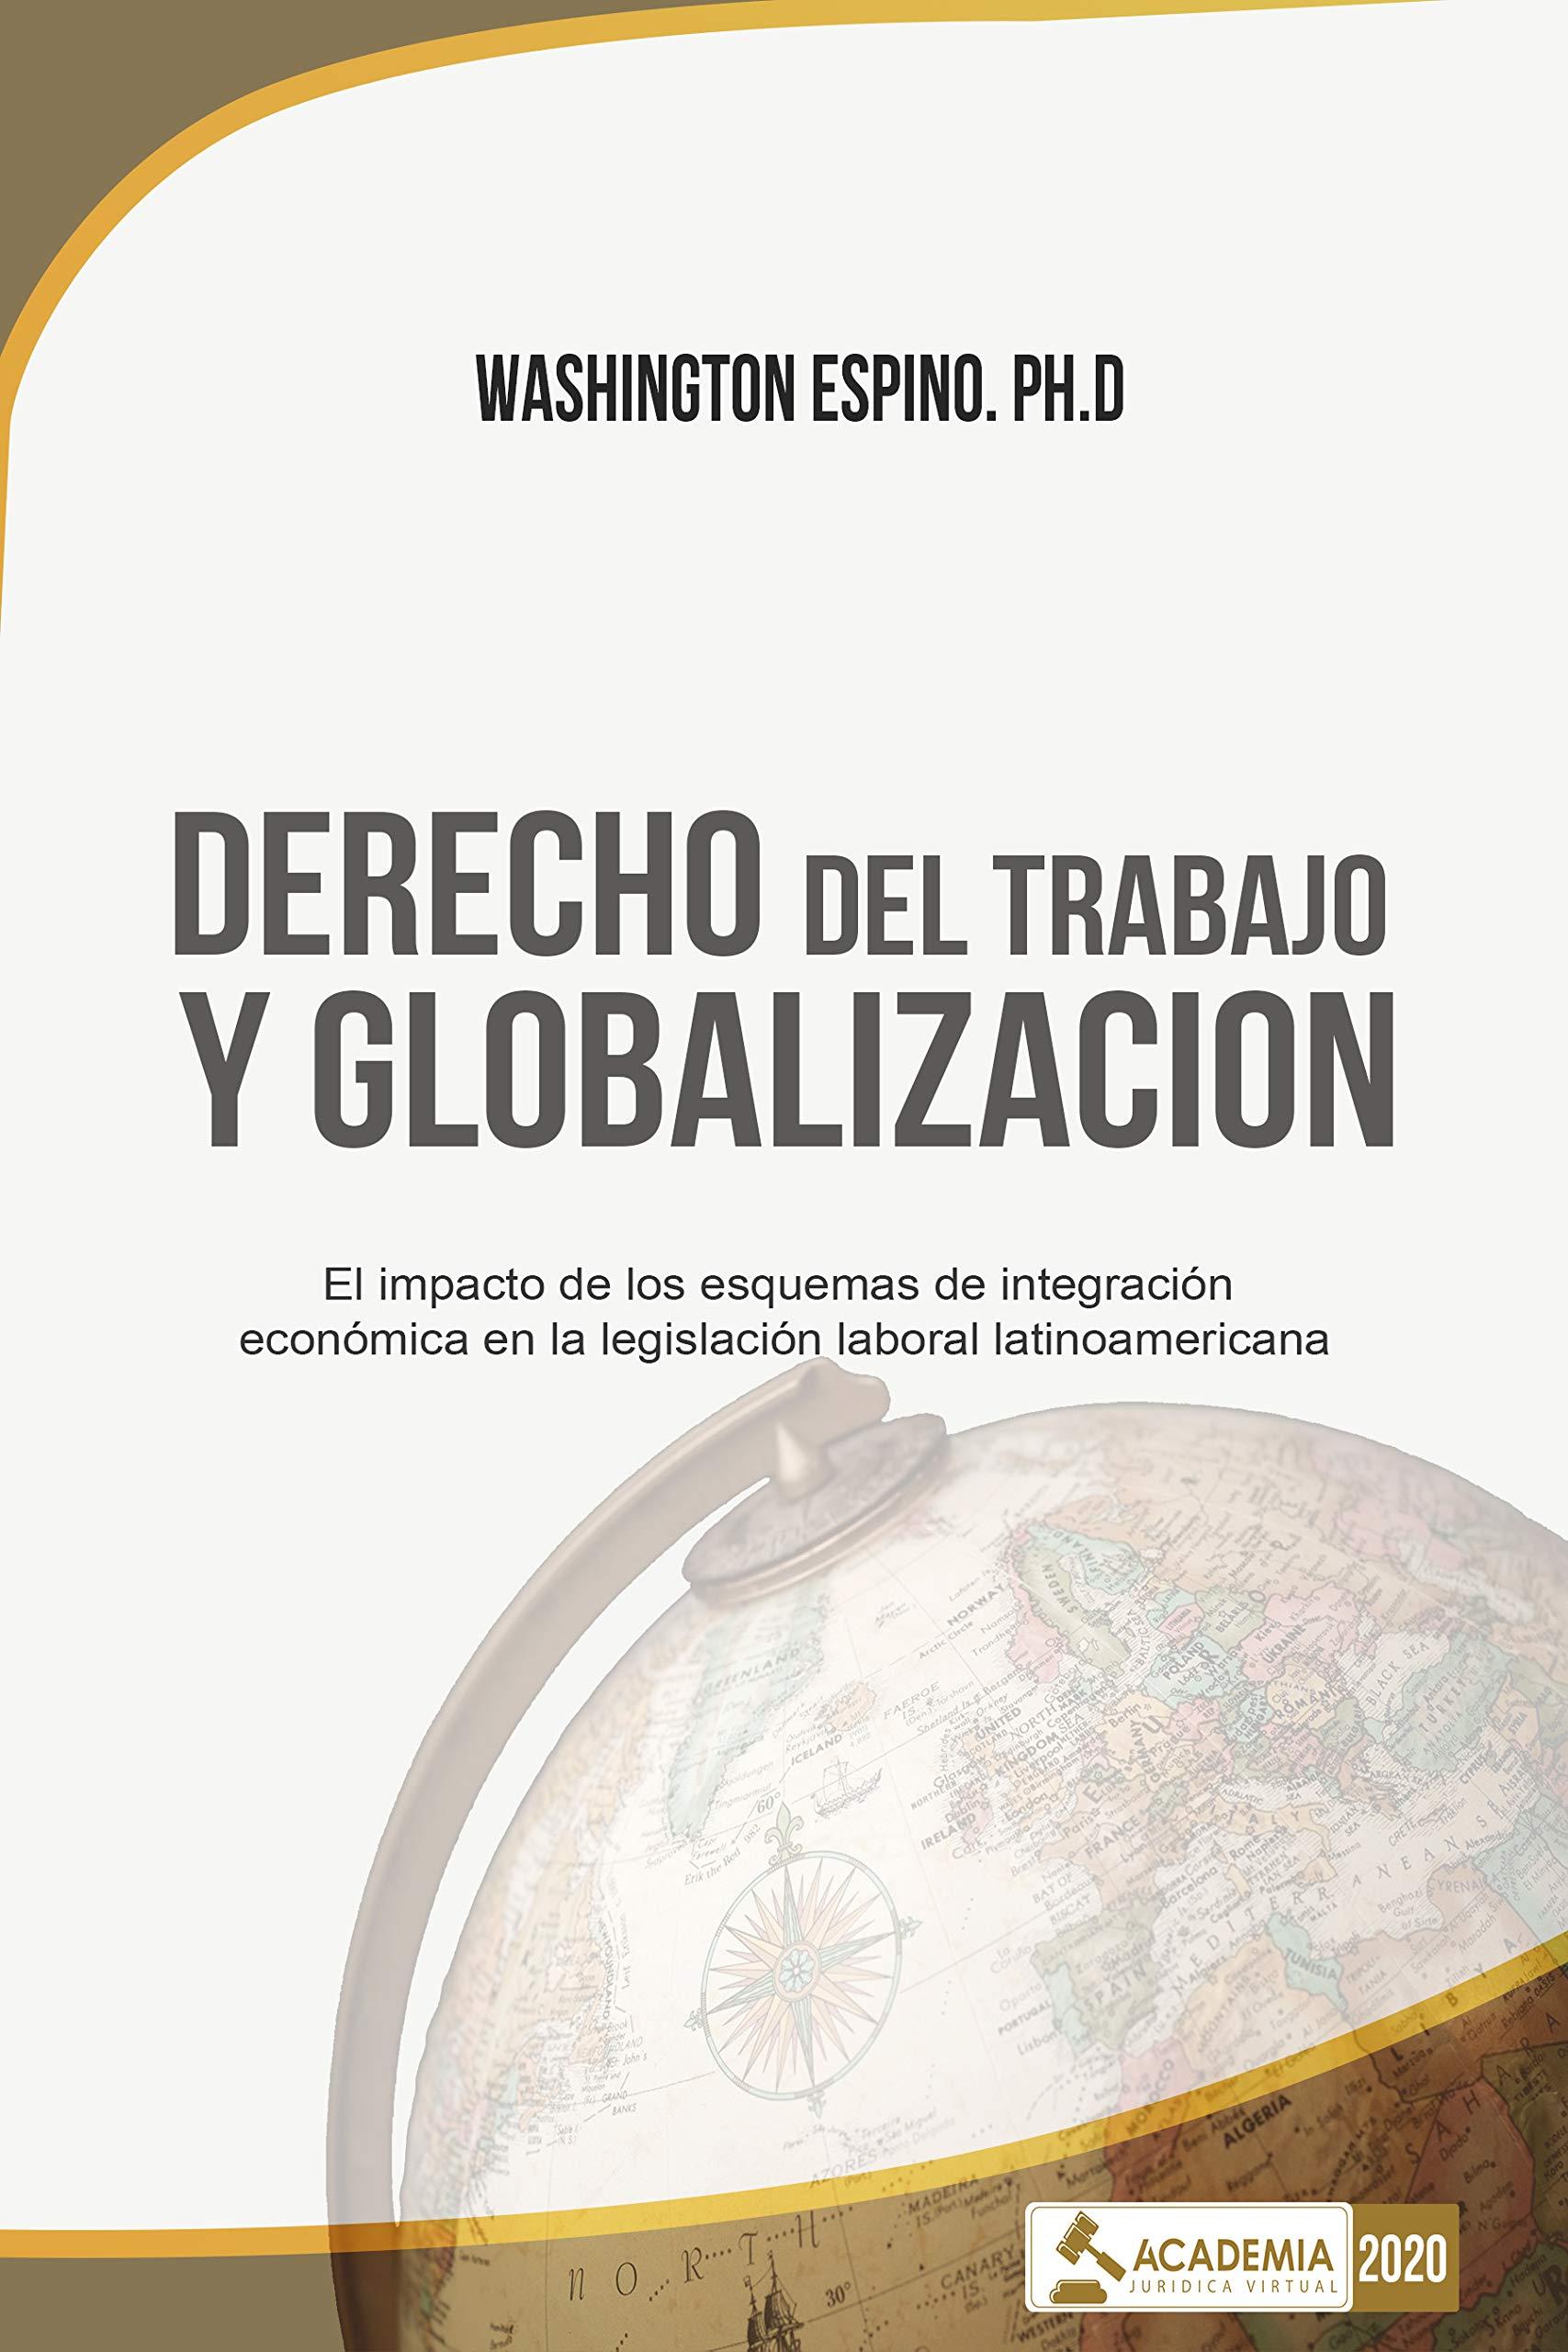 DERECHO DEL TRABAJO Y GLOBALIZACION: El impacto de los esquemas de integración económica en la legislación laboral latinoamericana (Spanish Edition)